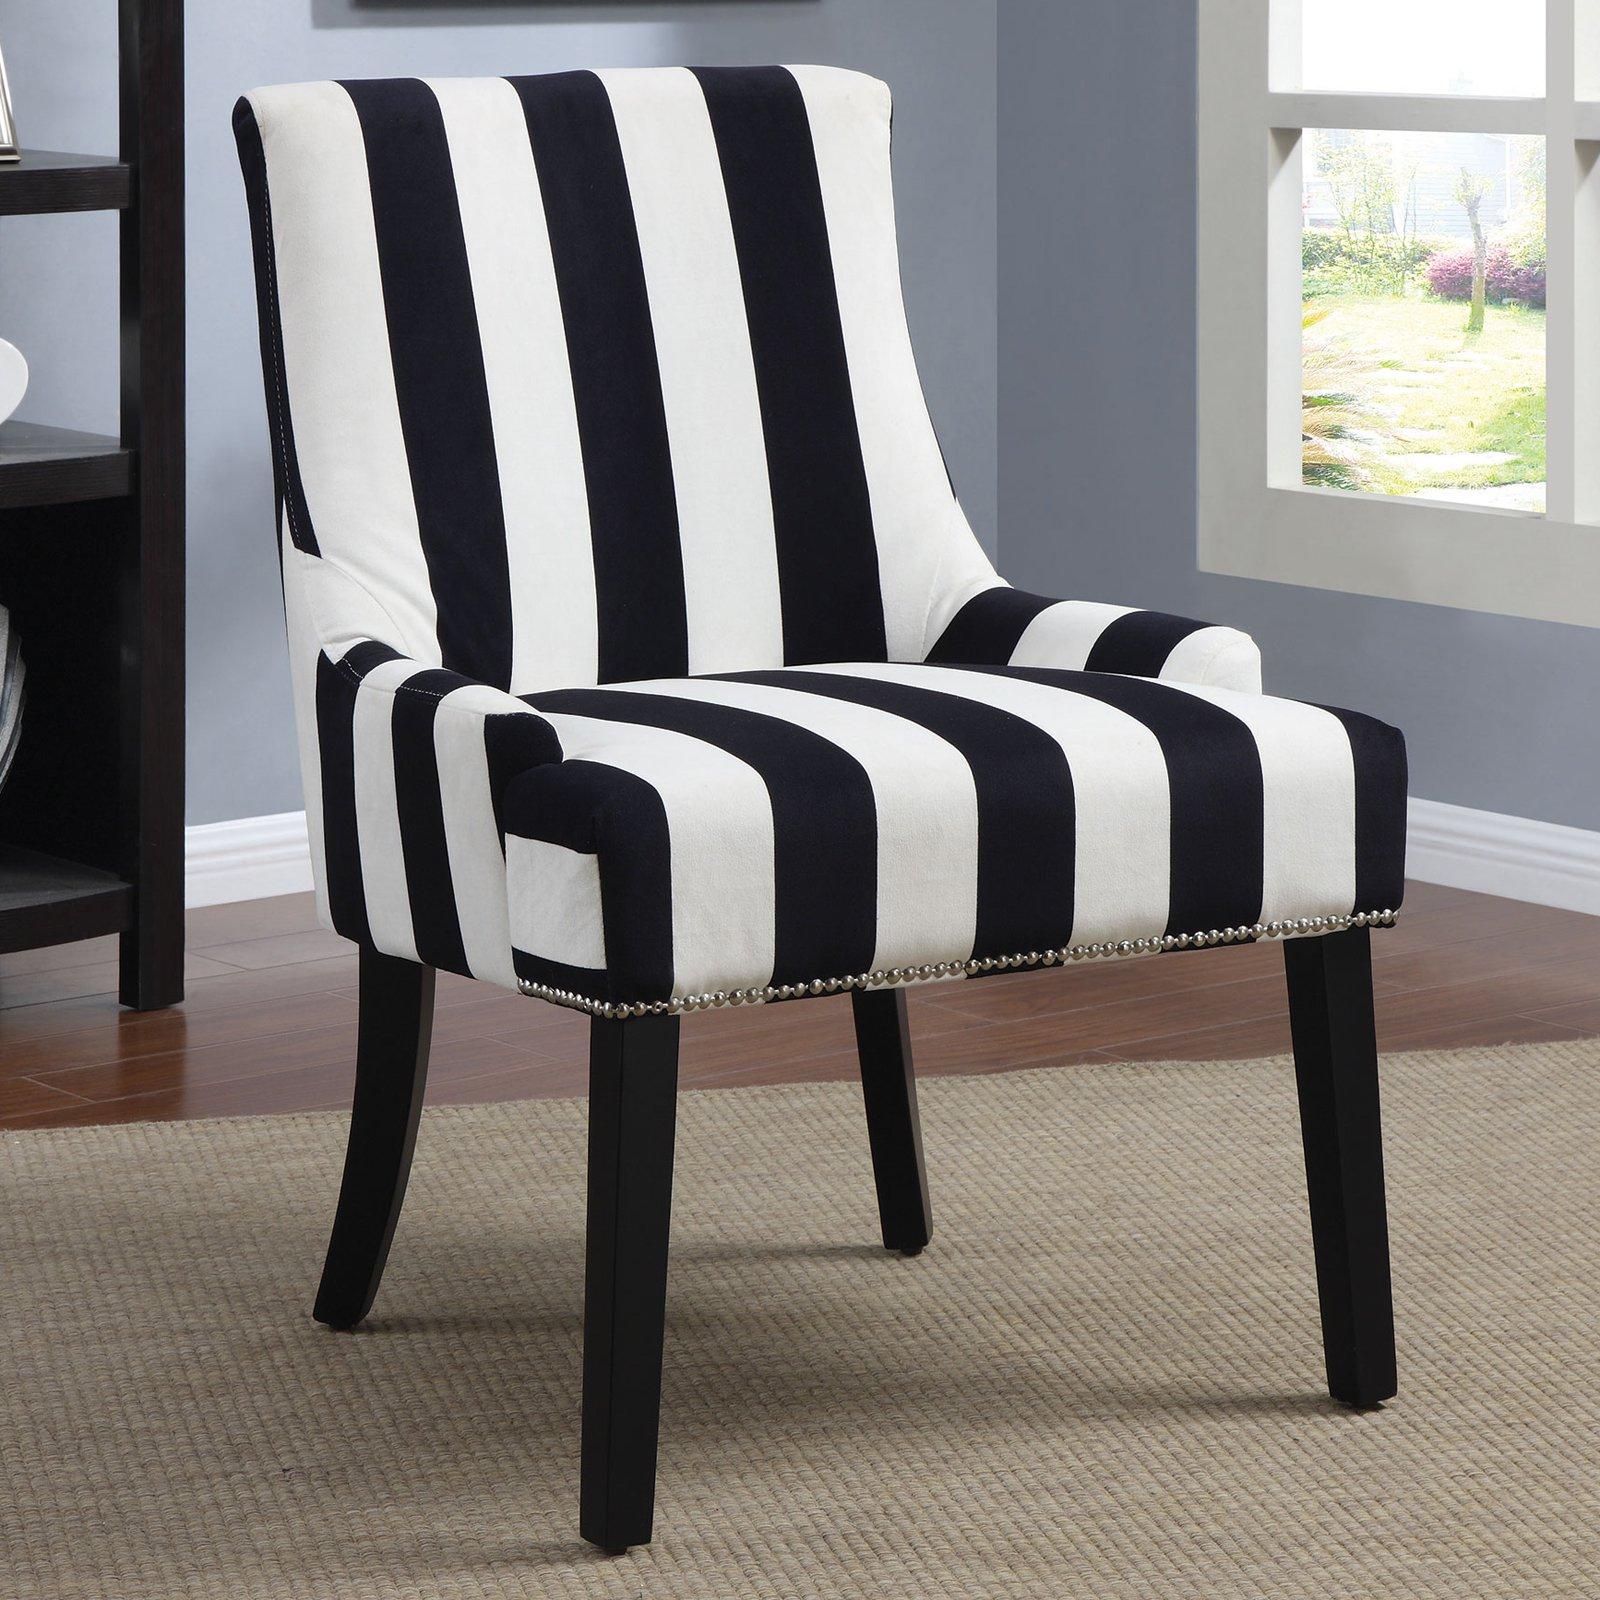 Coaster Furniture Pasadena Accent Chair